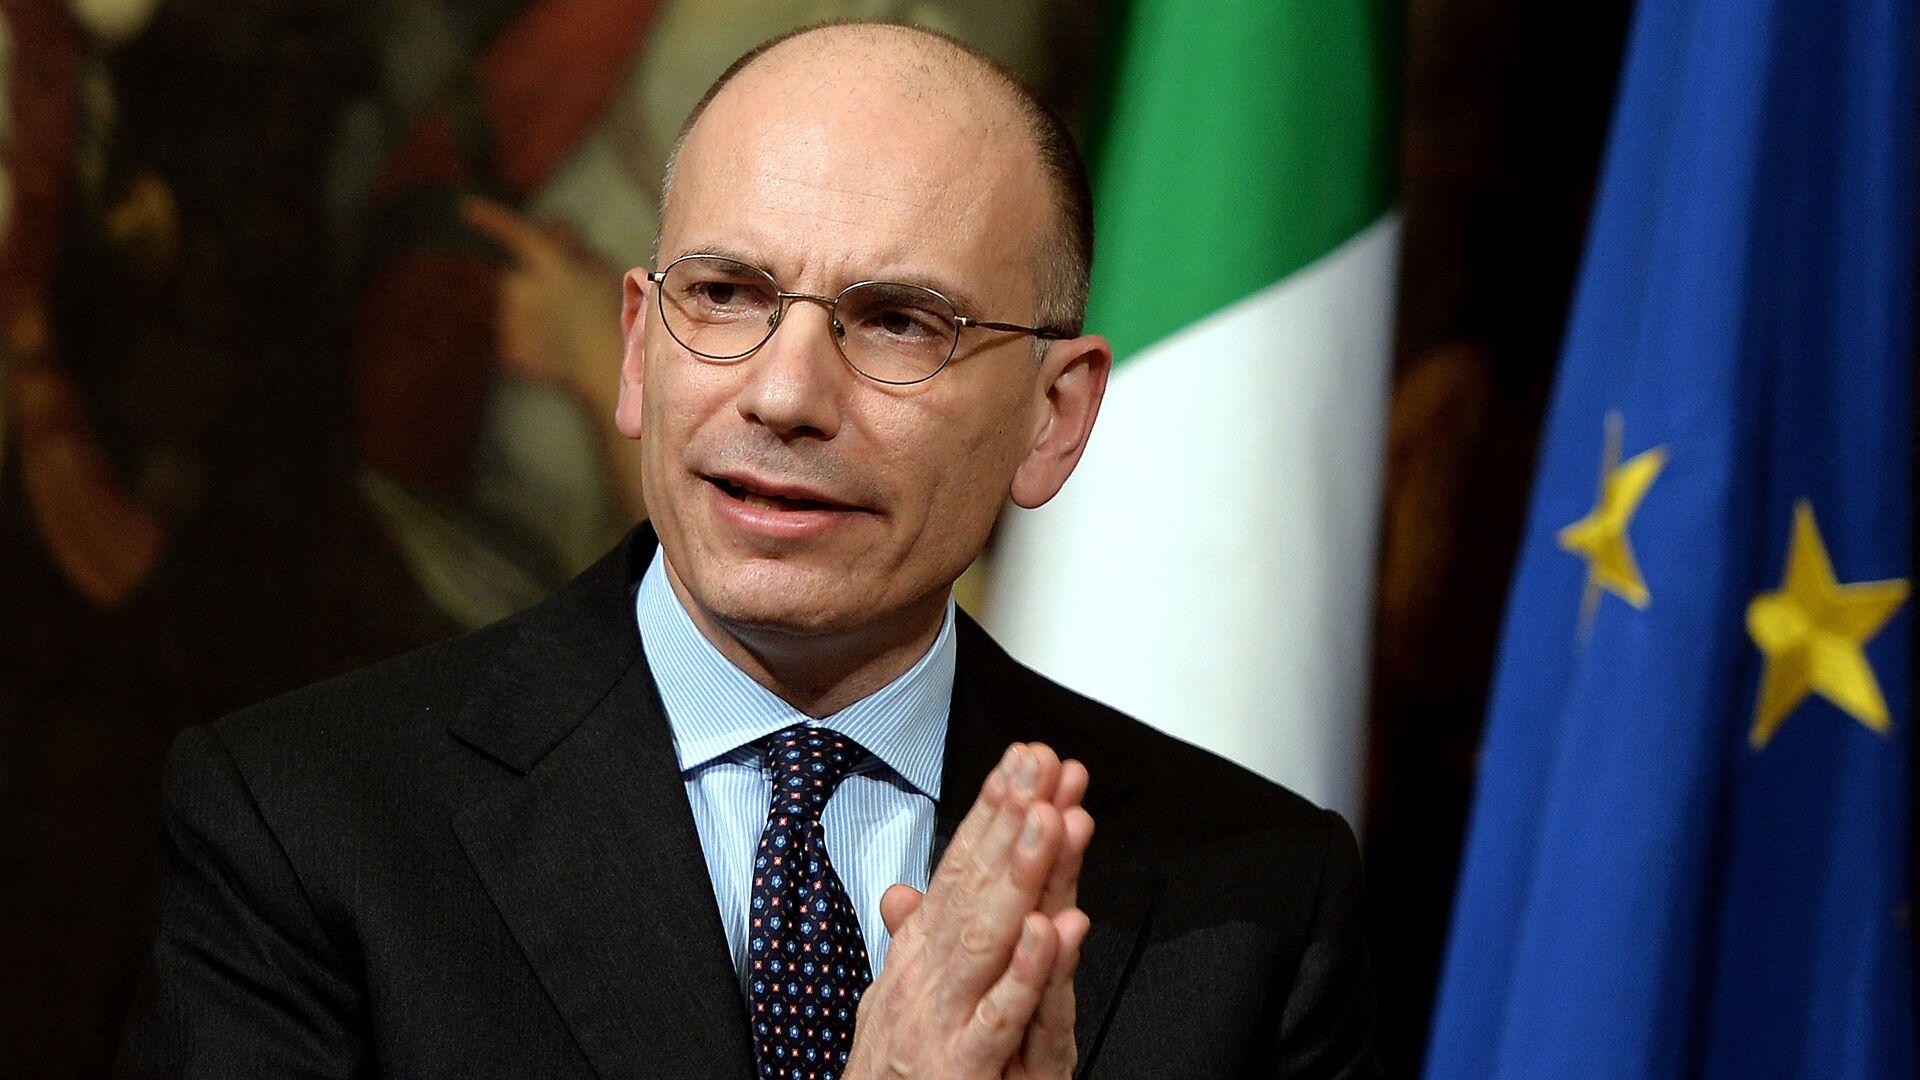 Enrico Letta, segretario del Partito Democratico - Sputnik Italia, 1920, 01.06.2021